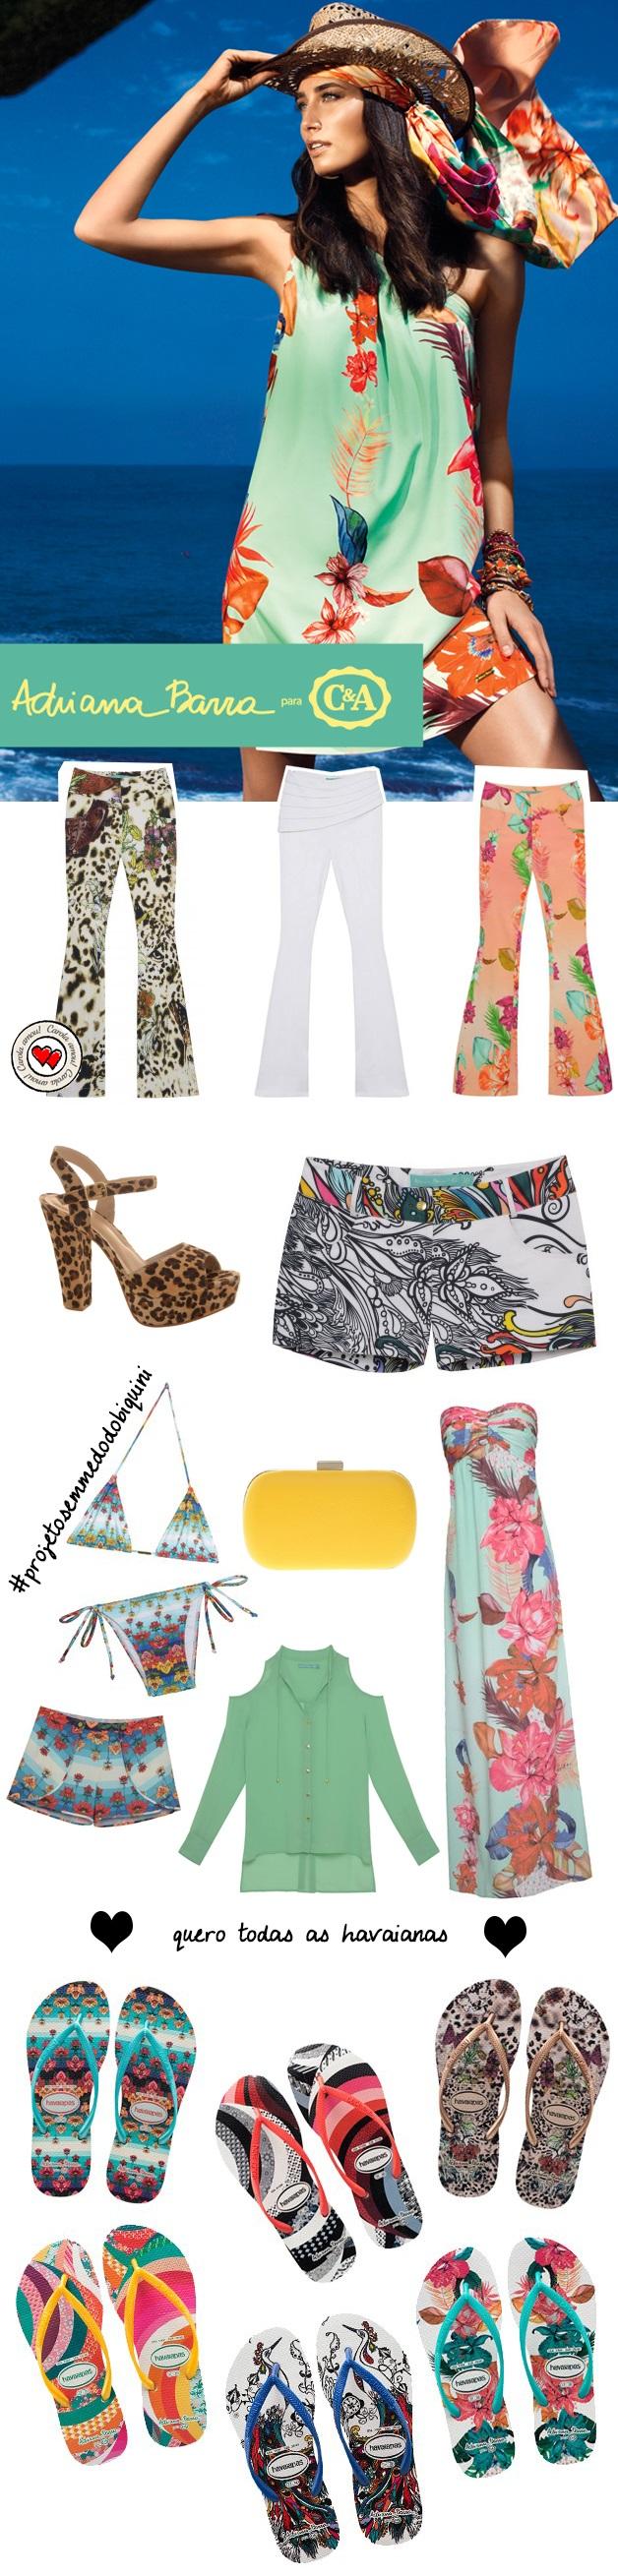 a-coleção-da-estilista-adriana-barra-para-a-fast-fashion-c&a-dia-15-de-outubro-blog-carola-duarte